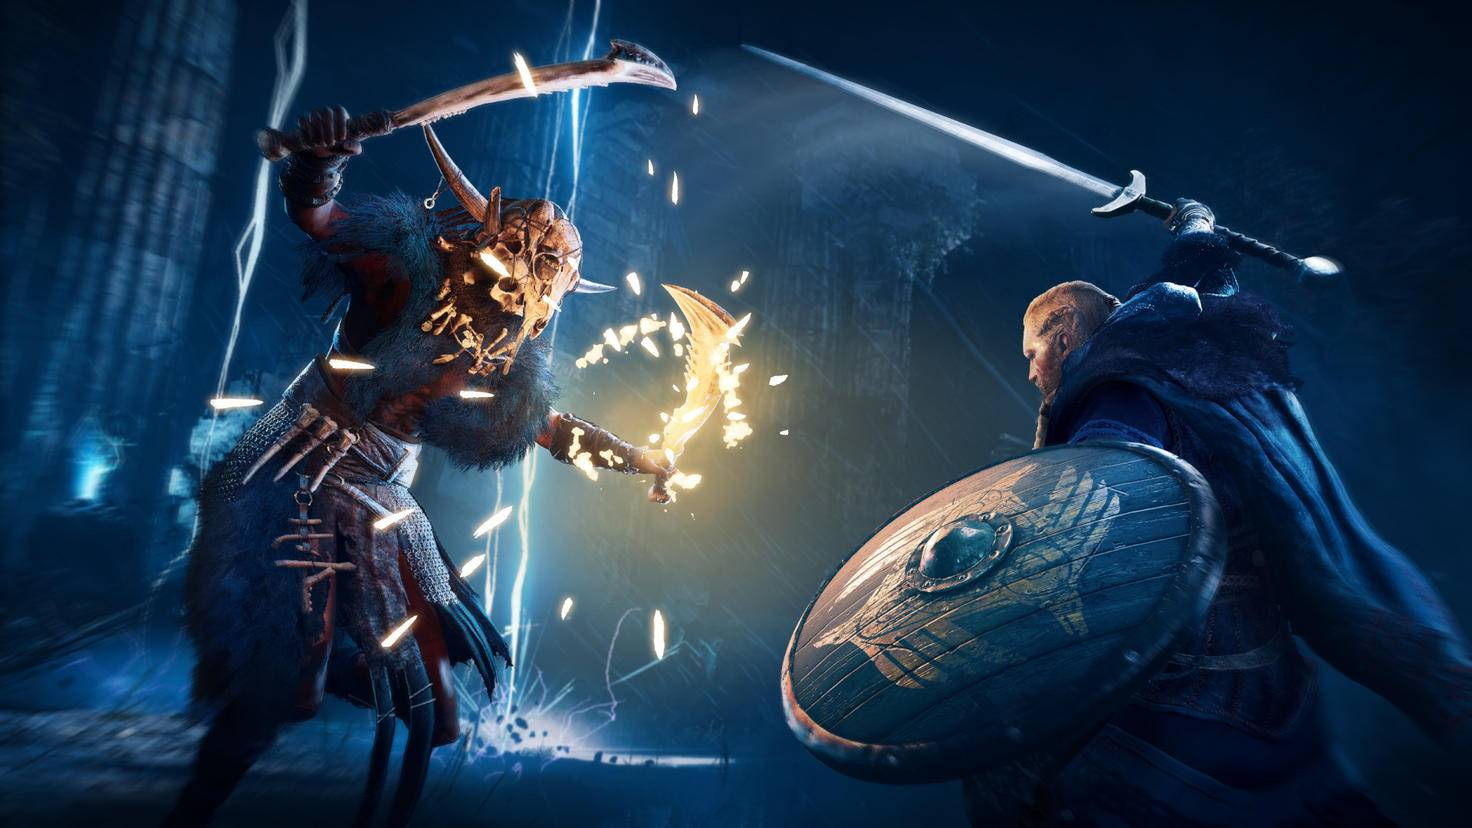 god-of-war-alternative-assassins-creed-valhalla